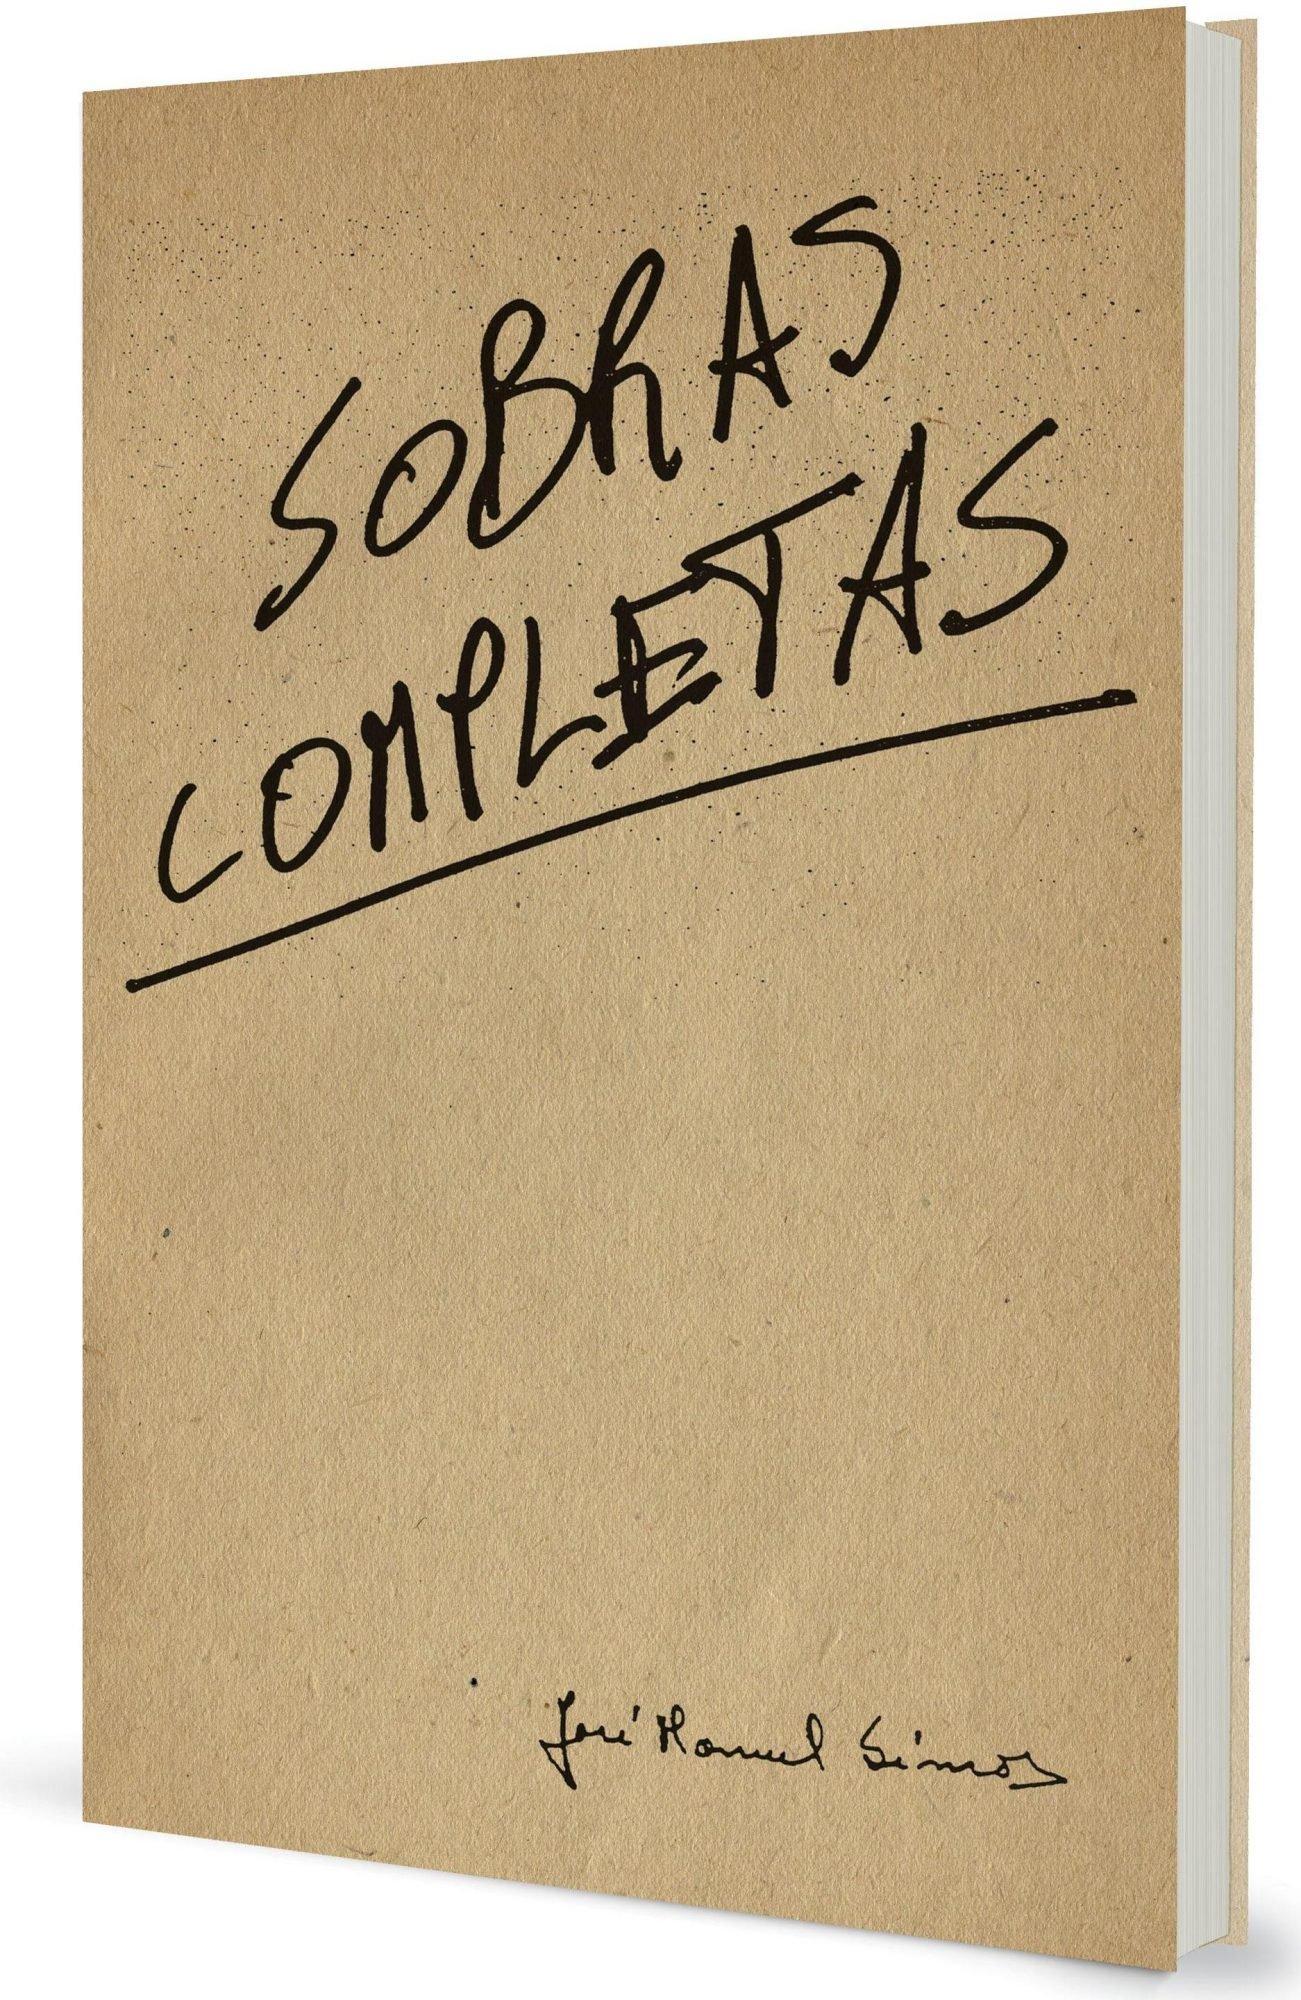 Sobras Completas, o livro póstumo de José Manel Simões